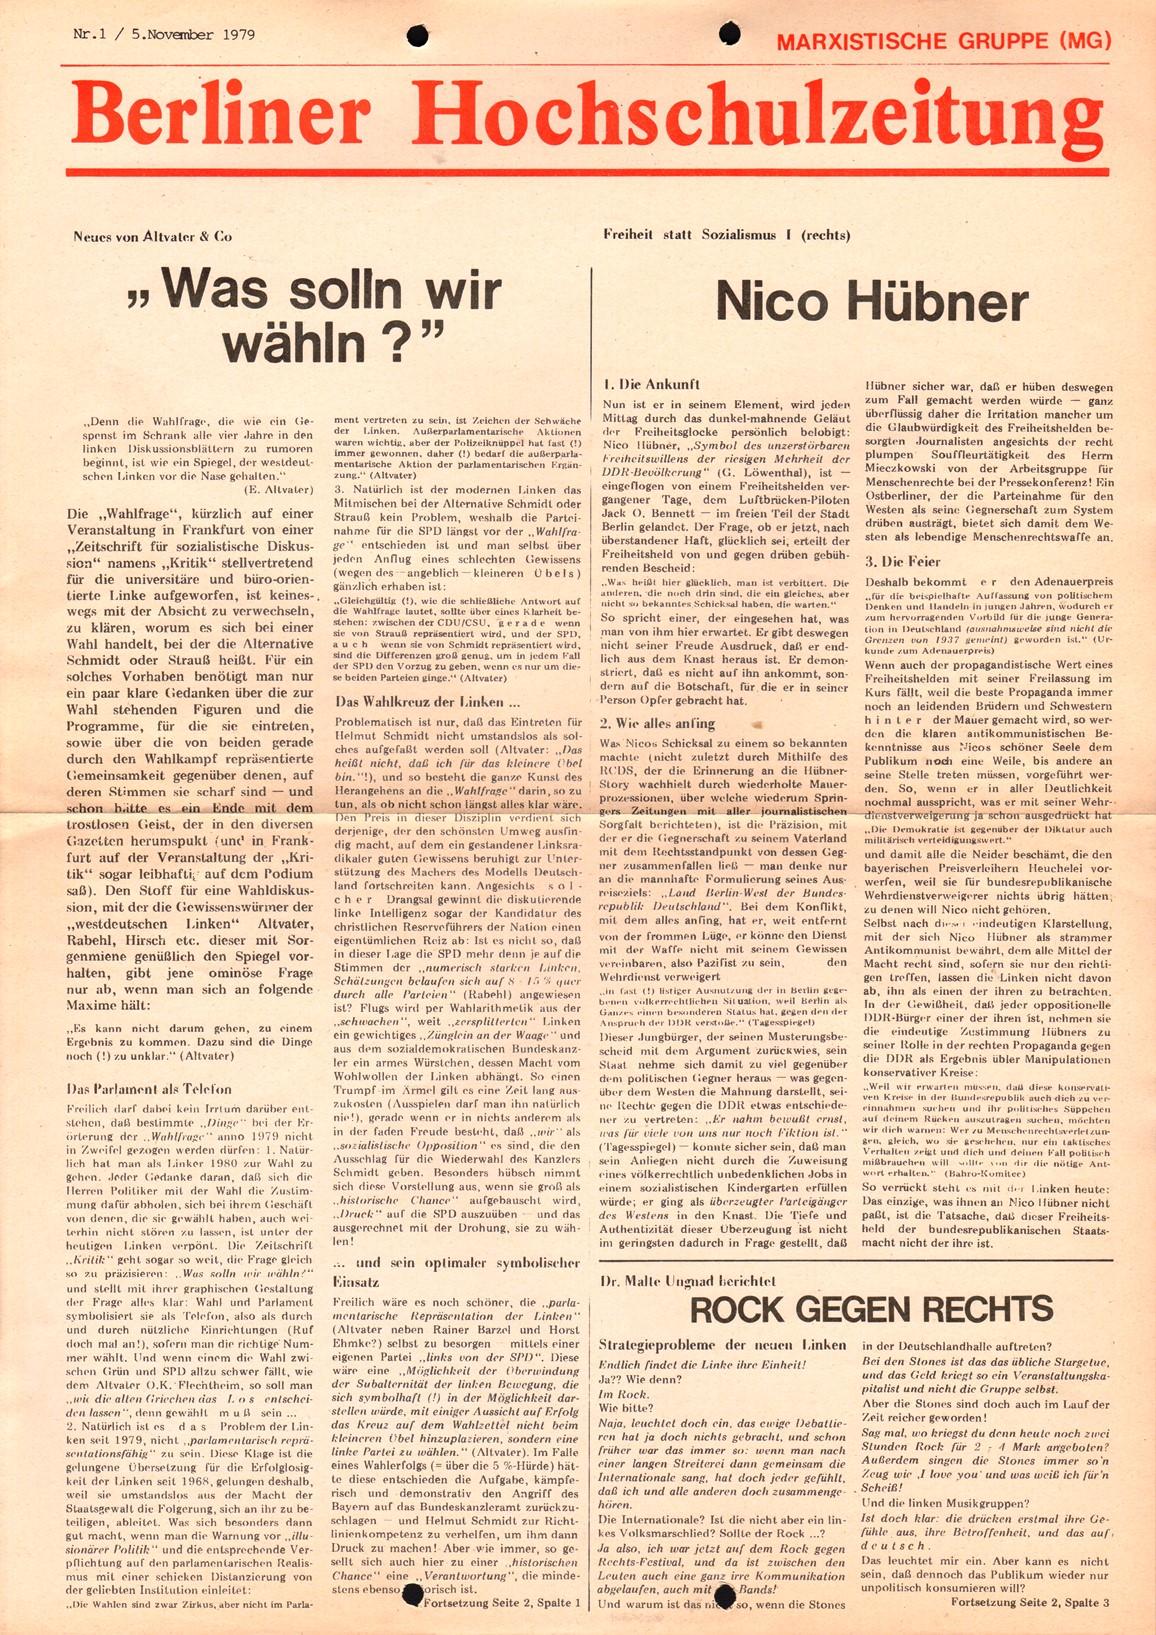 Berlin_MG_Hochschulzeitung_19791105_01